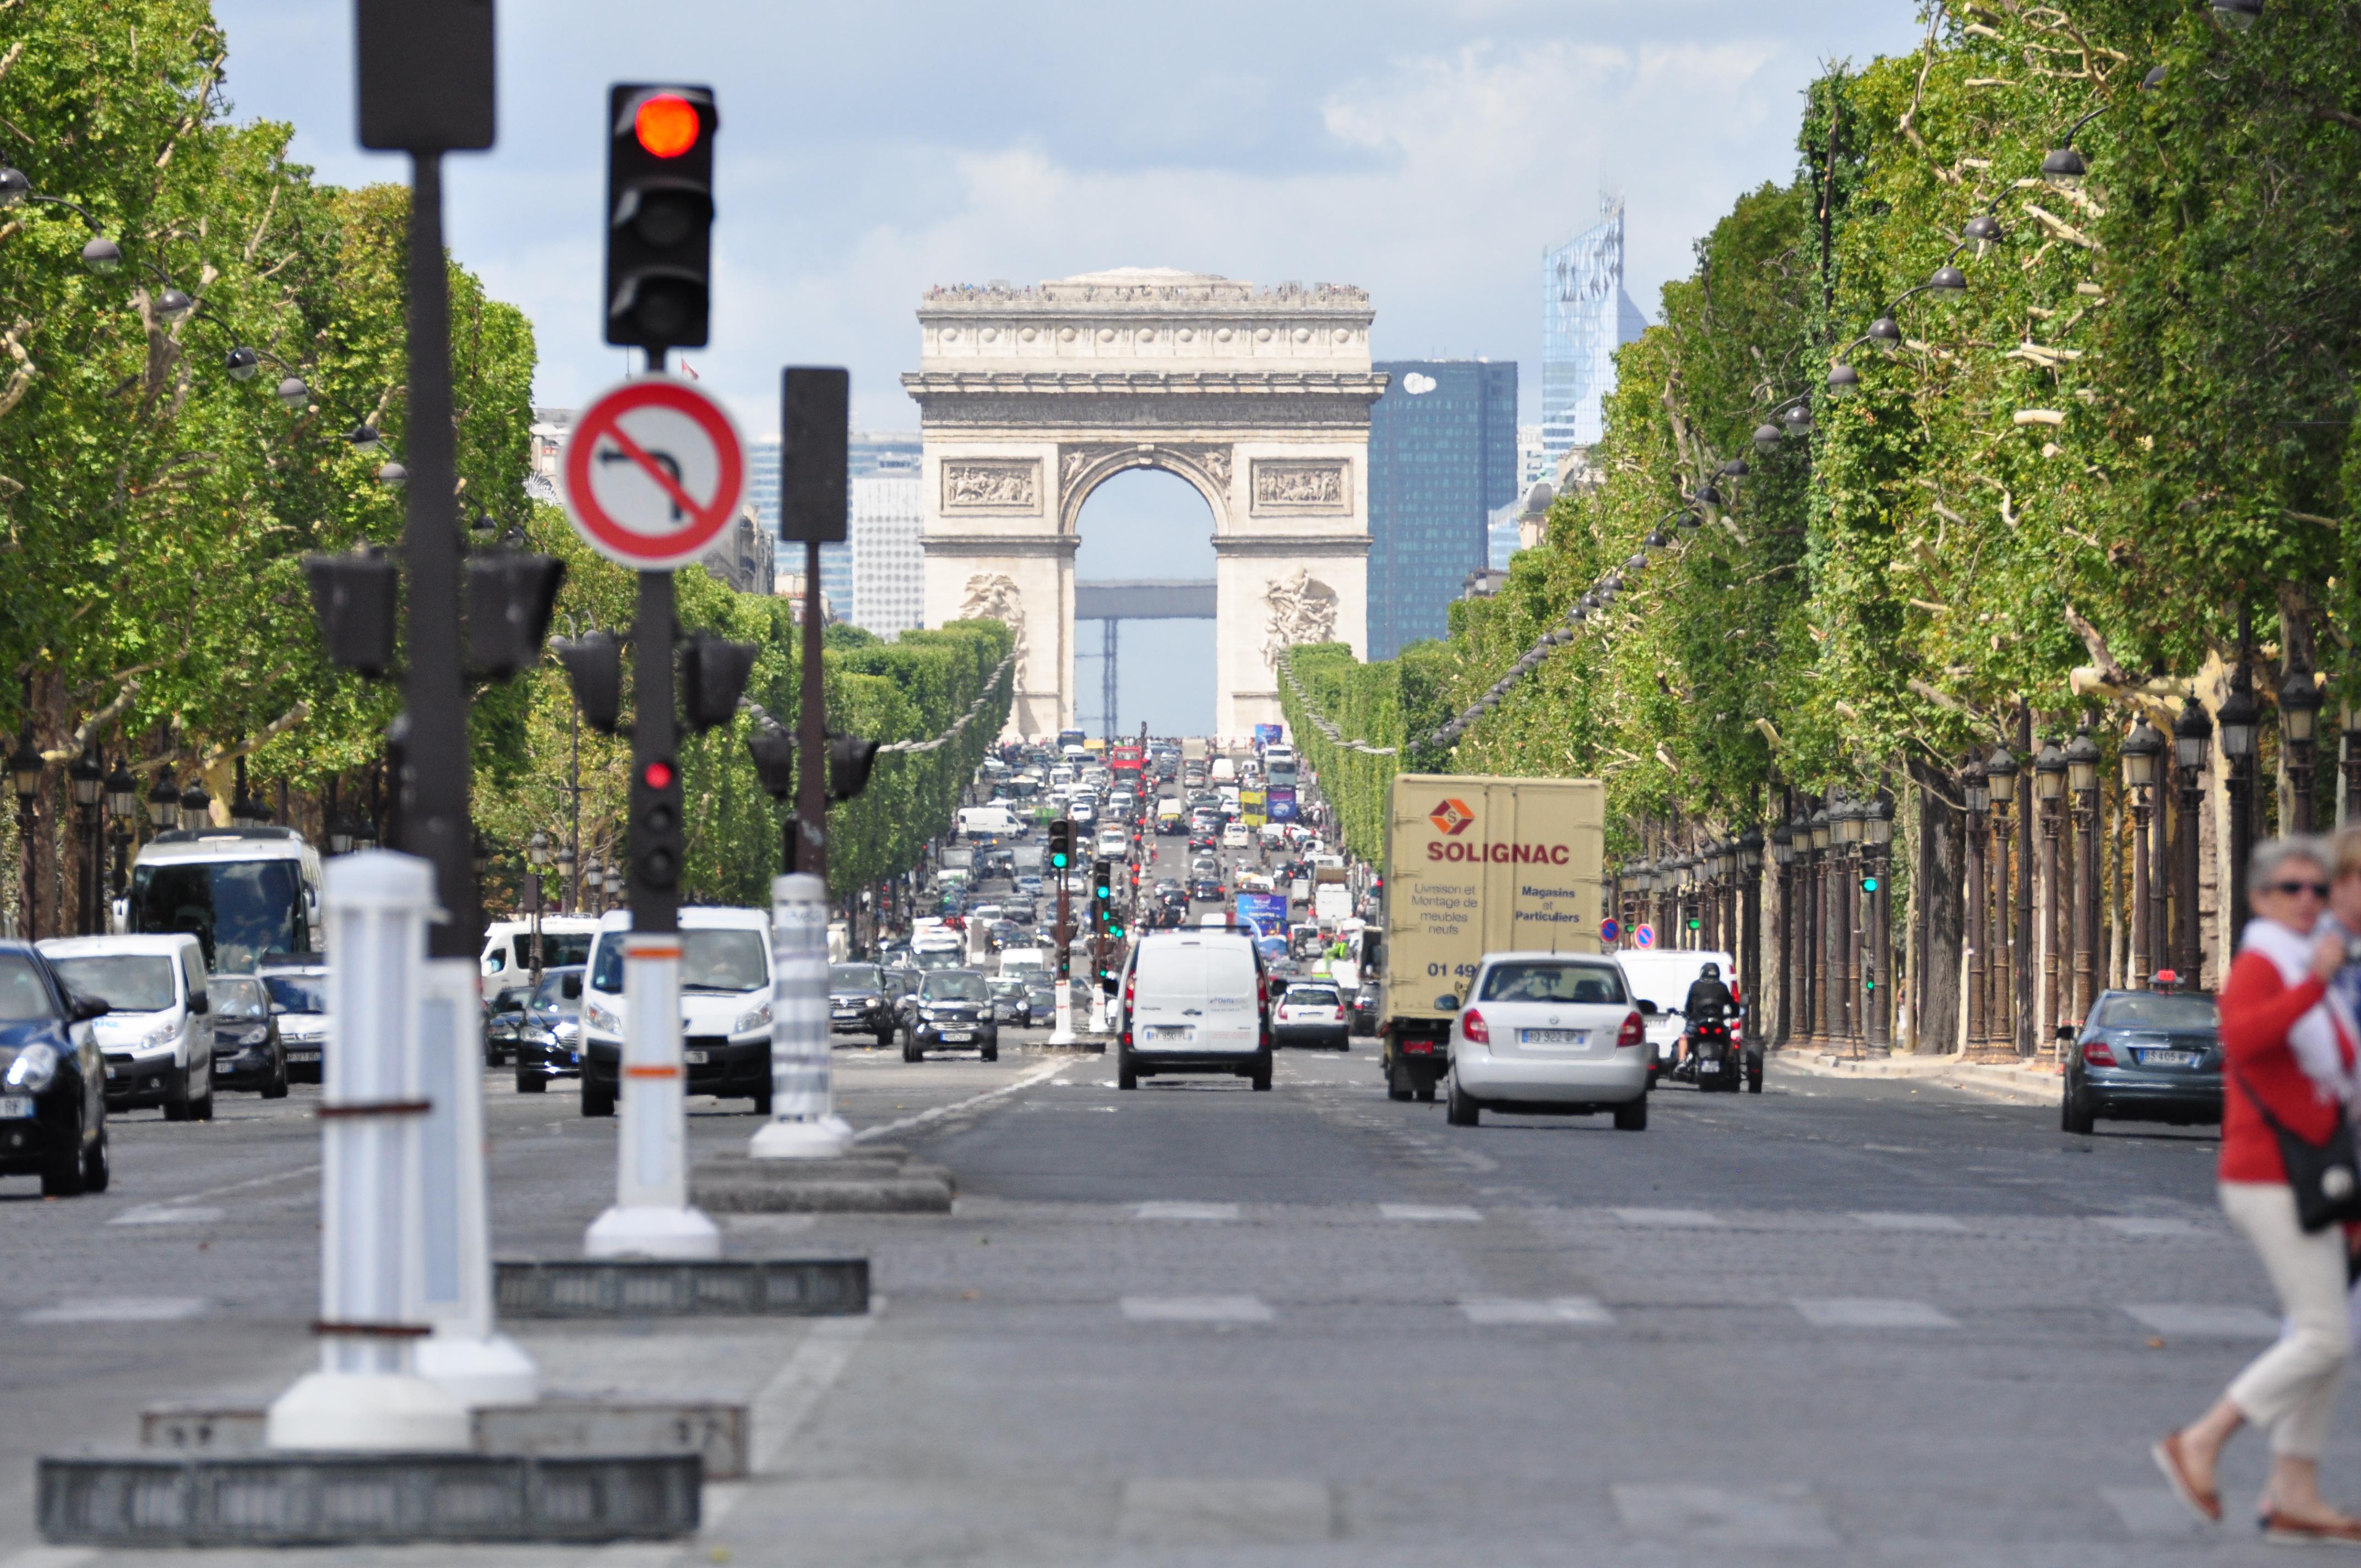 Tripadvisor Paris France Hotels